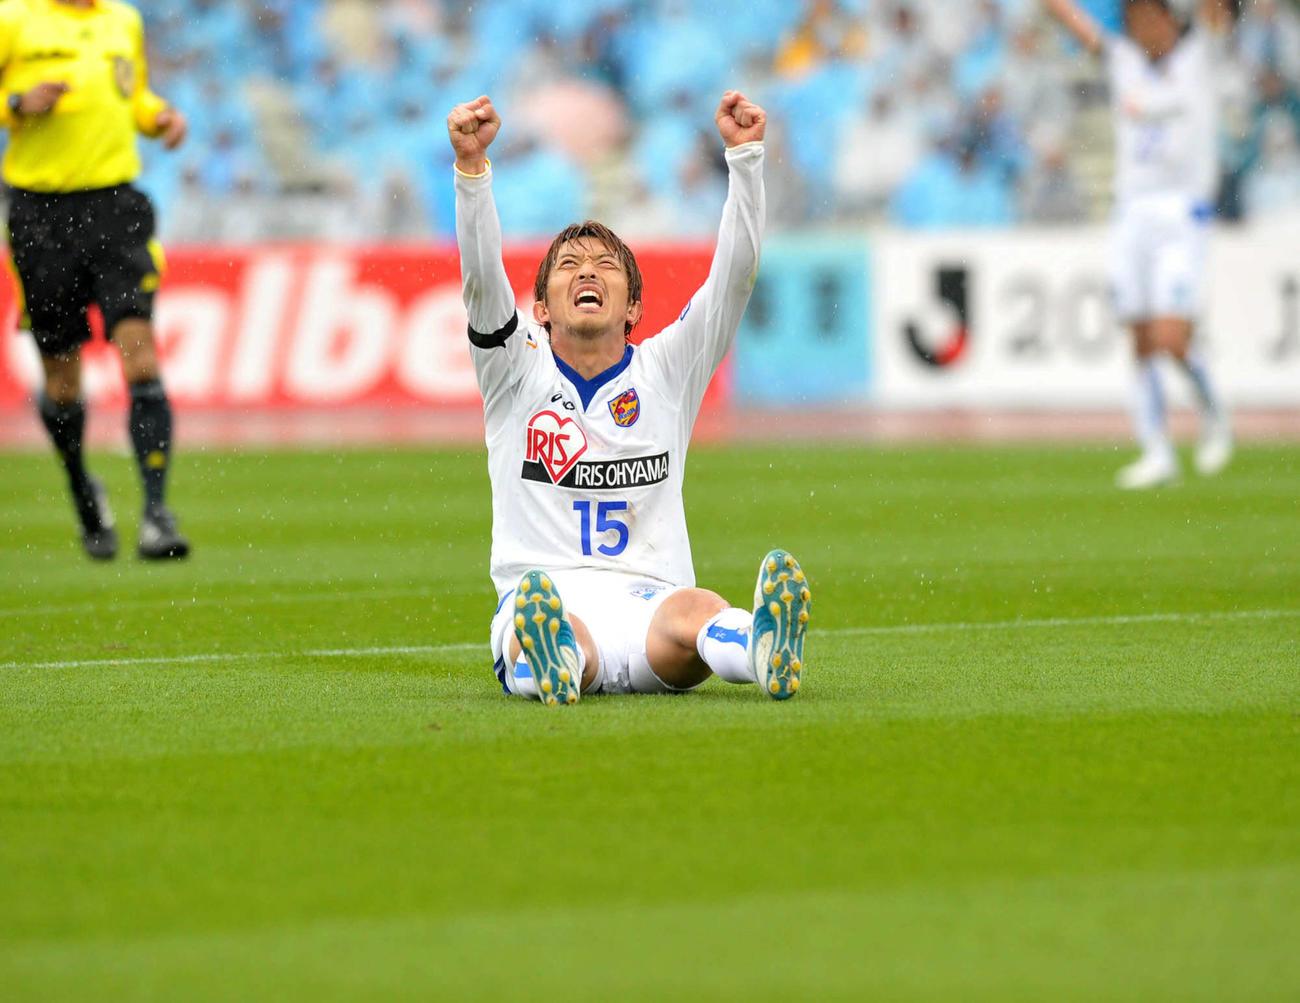 11年4月23日、川崎F対仙台 後半28分、同点ゴールを決め、天を仰ぎながら両腕を突き上げる仙台FW太田